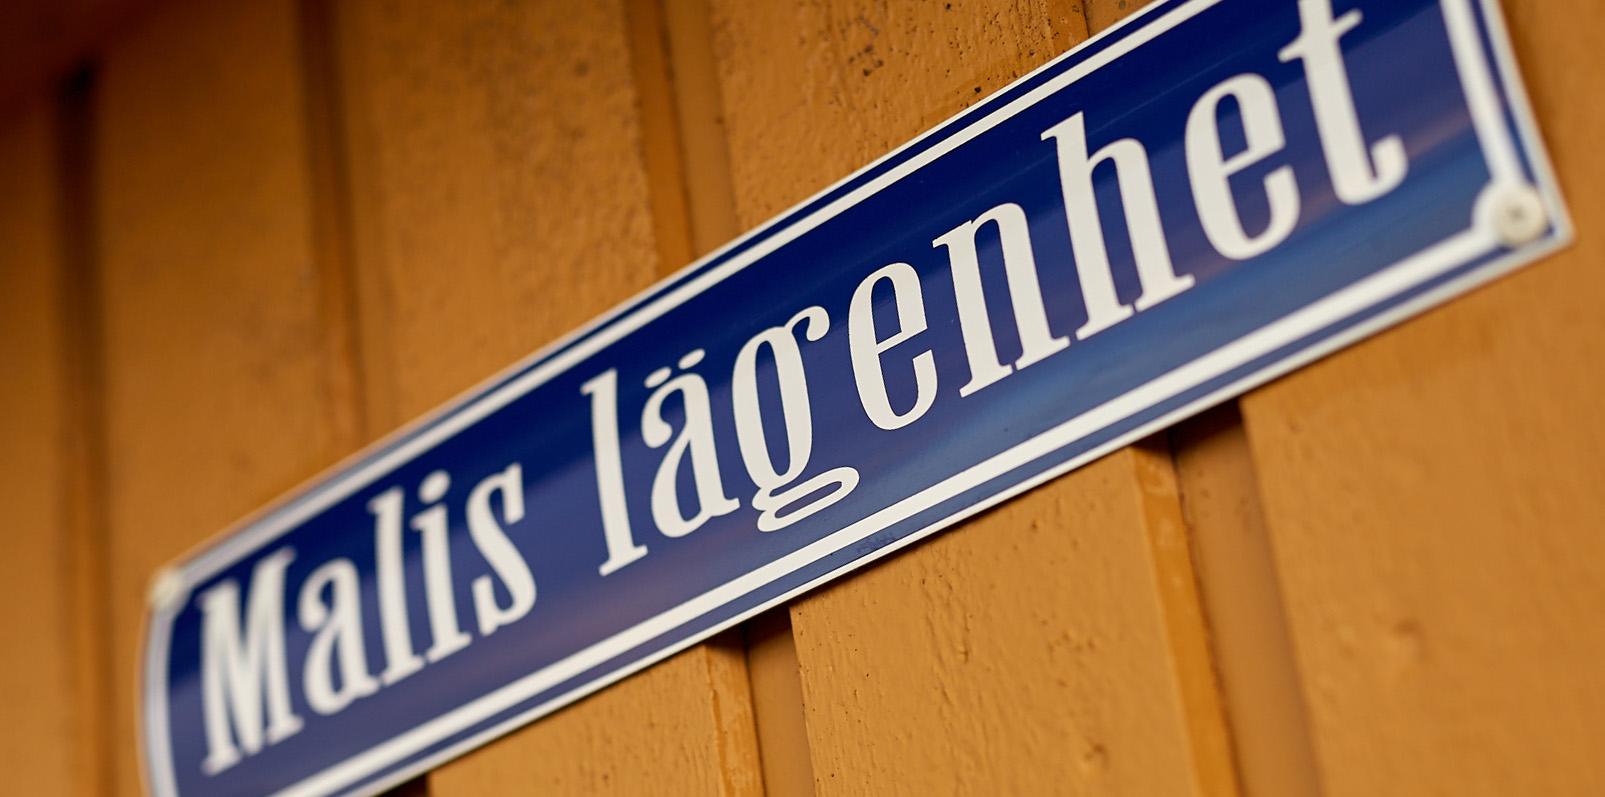 Inzoomad bild på en skyld på Lagunen: Malis lägenhet.